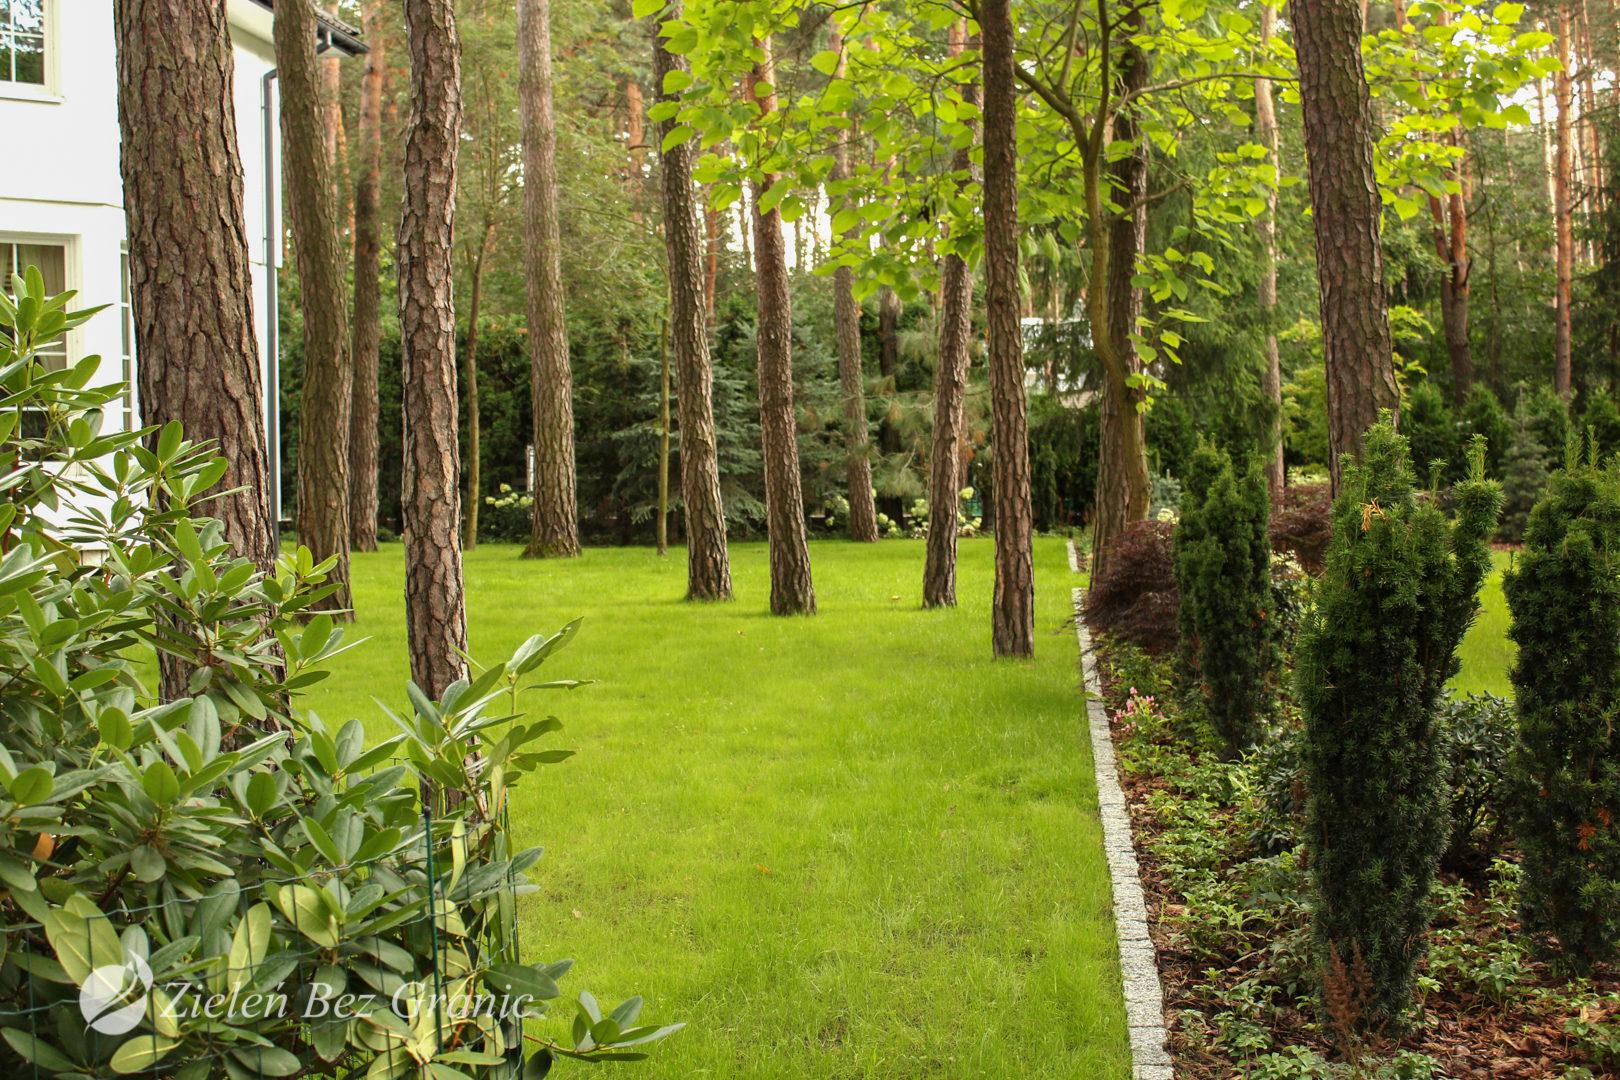 Duża powierzchnia trawnika do rekreacji.